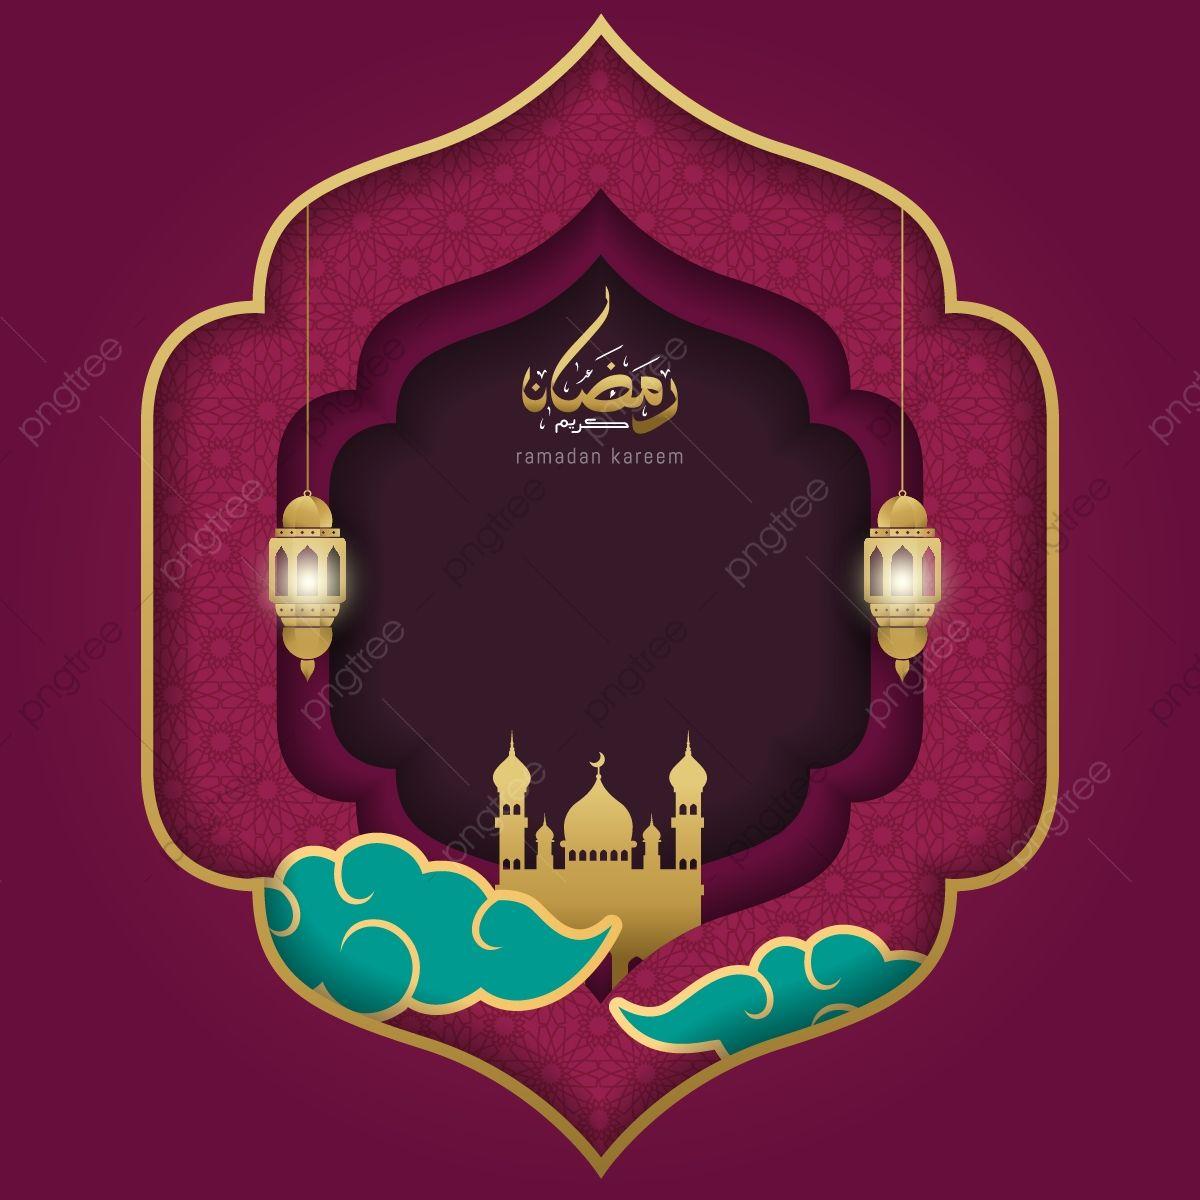 رمضان كريم اسلاميات بطاقات المعايدة قالب تصميم رمضان كريم دين الاسلام Png والمتجهات للتحميل مجانا Ramadan Kareem Ramadan Greeting Card Template